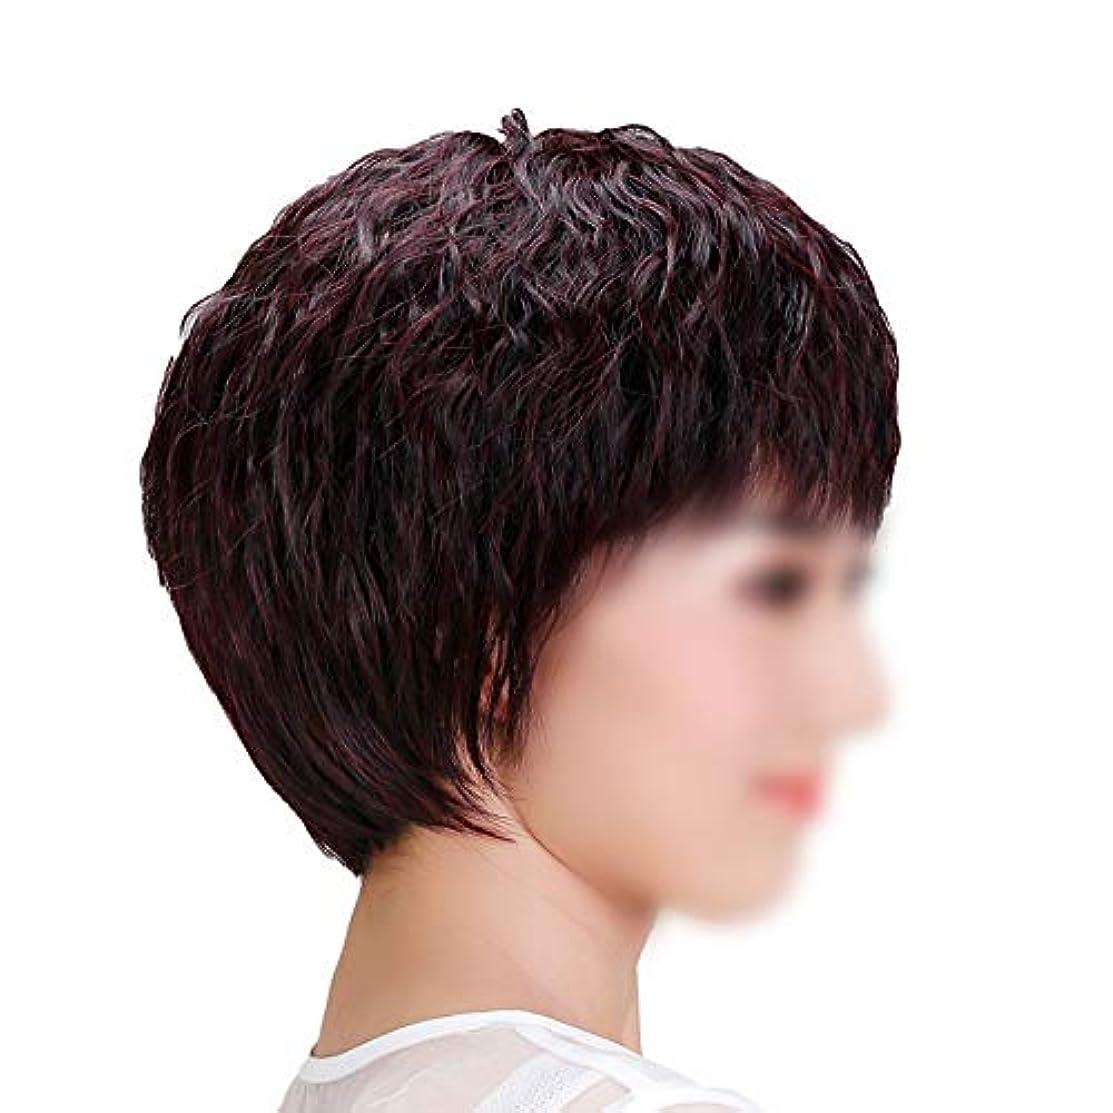 マーチャンダイジング削減うねるYOUQIU 手織り女子ショートストレートヘアー中年ウィッグ母のギフトウィッグのための自然な人間の髪 (色 : Dark brown, サイズ : Mechanism)